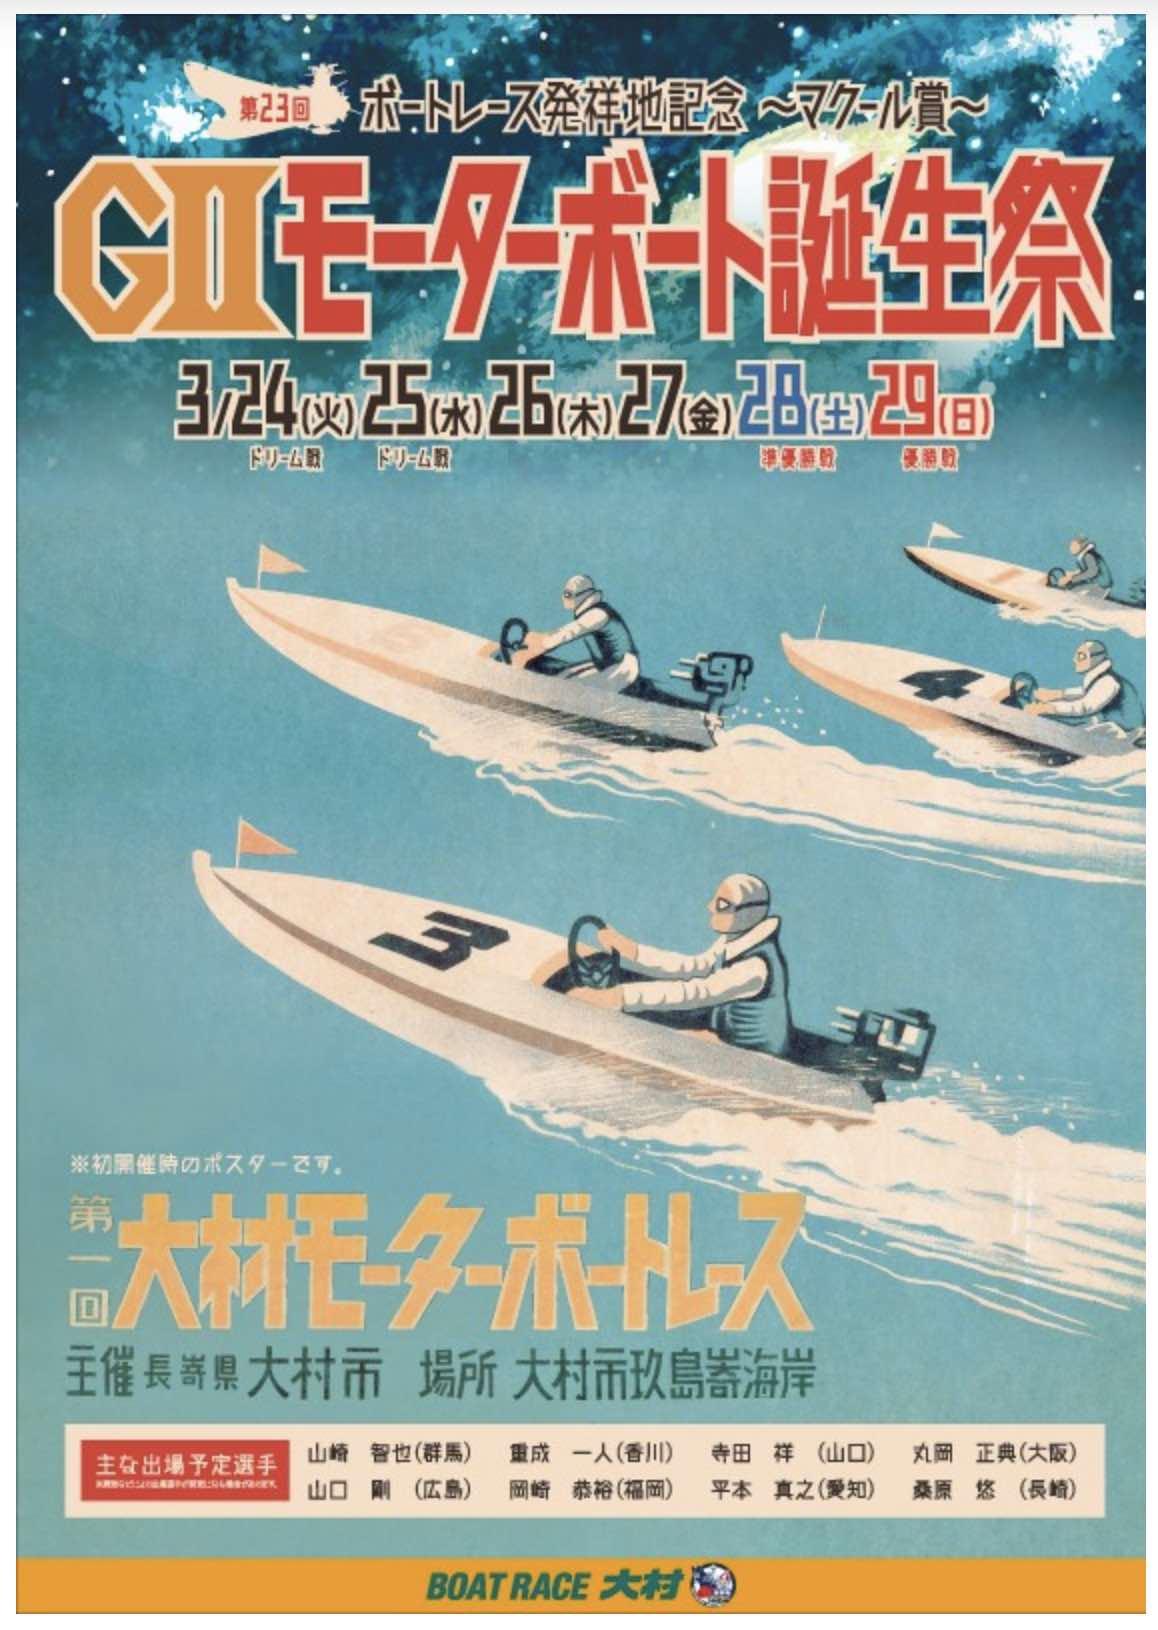 ボートレース大村のG2モーターボート誕生祭に合わせたビジュアル